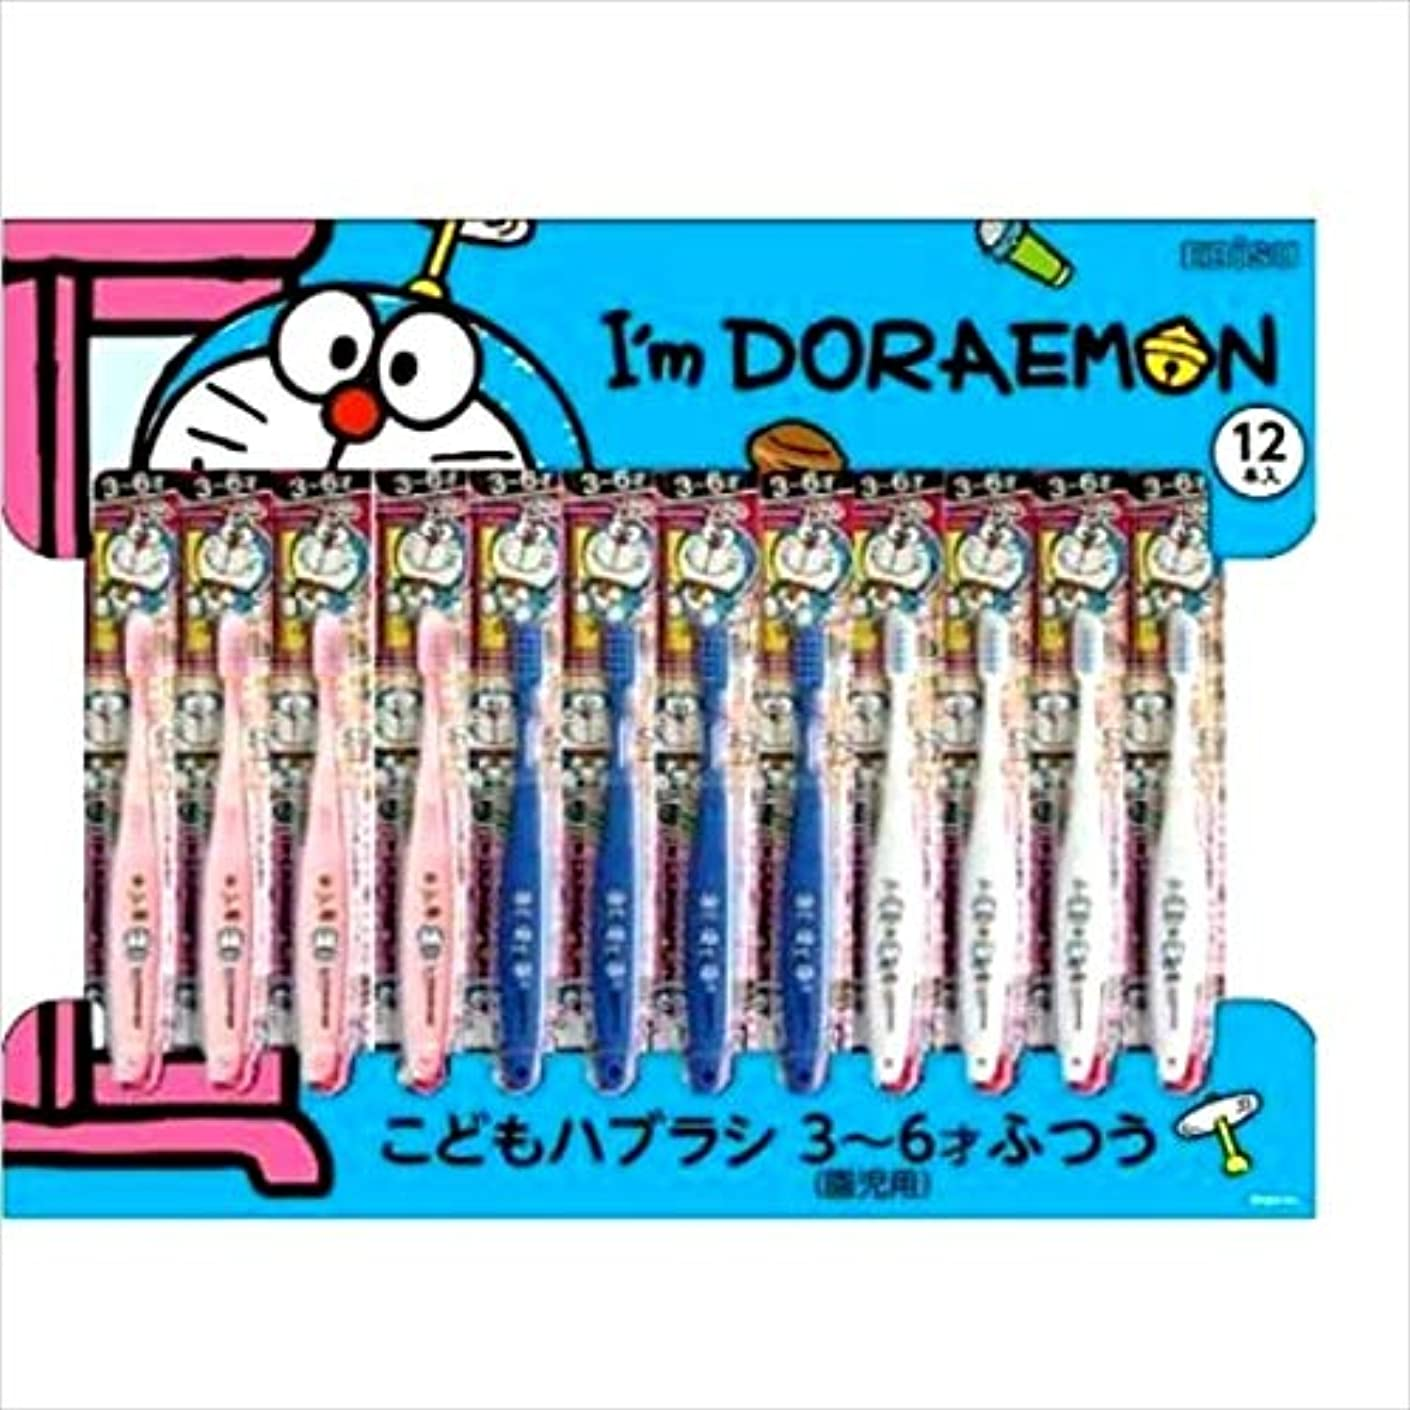 バインド映画進捗I'M DORAEMON 子供用 歯ブラシ 12本入り